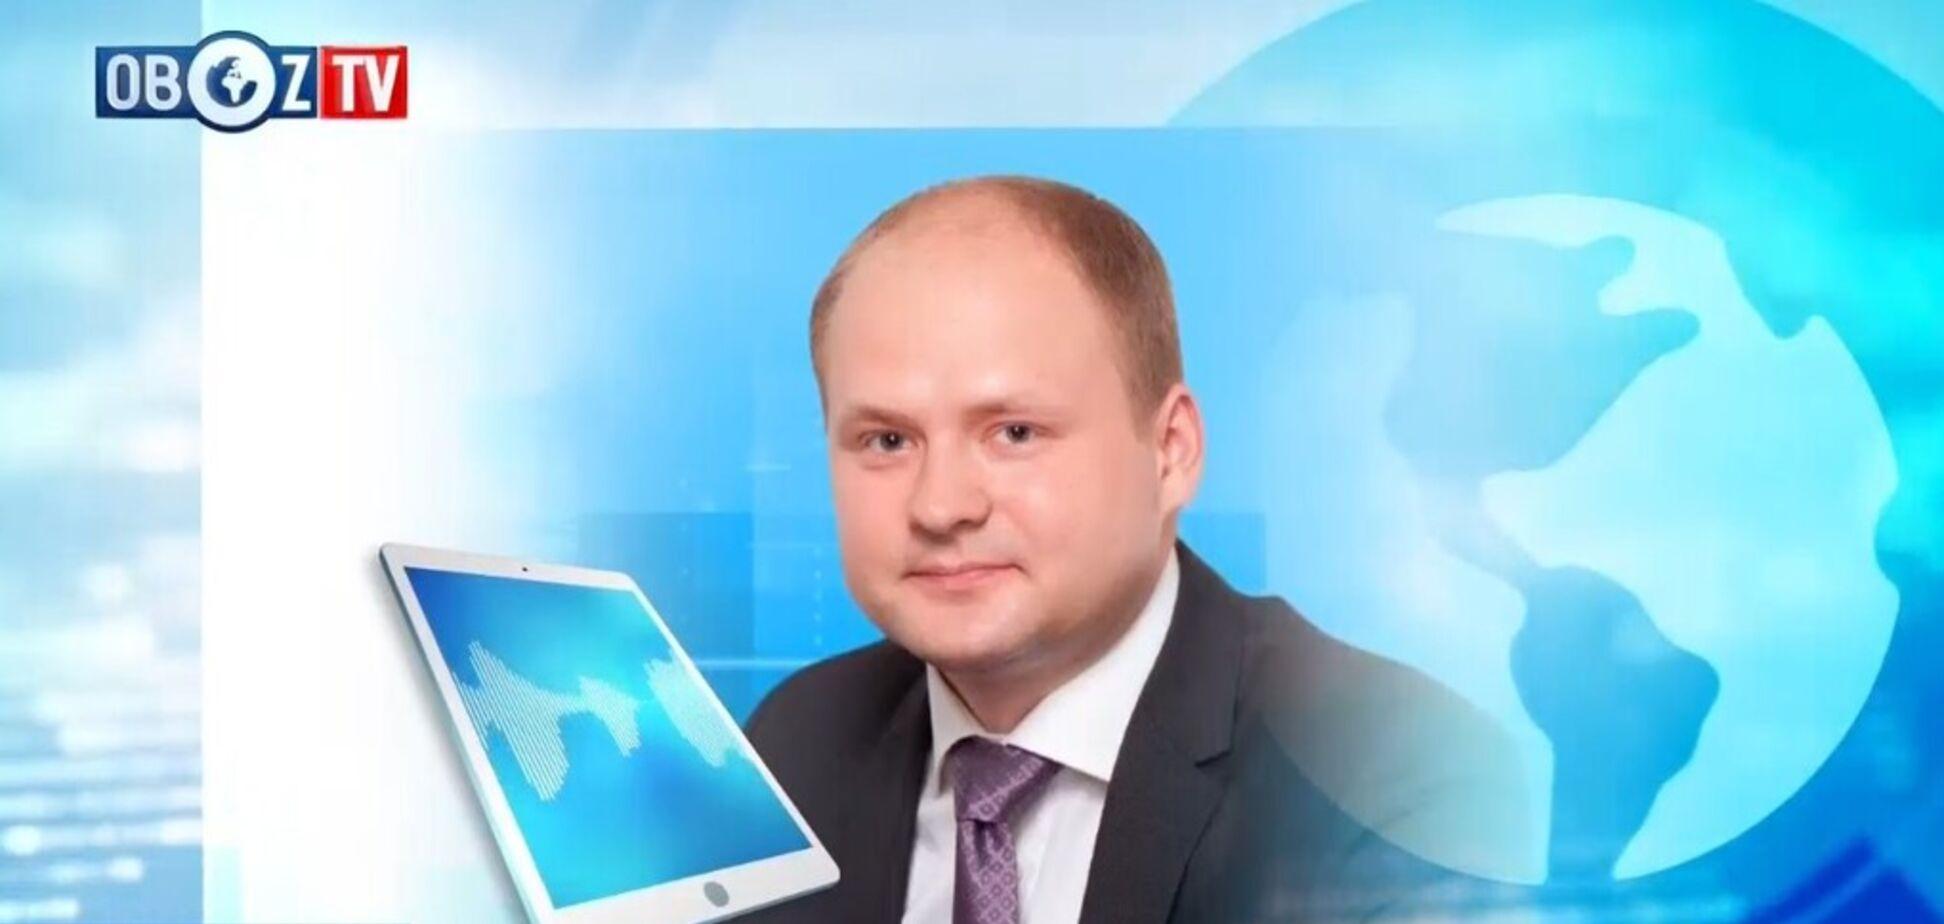 Украина окончательно договорилась с Россией по газу: комментарий эксперта